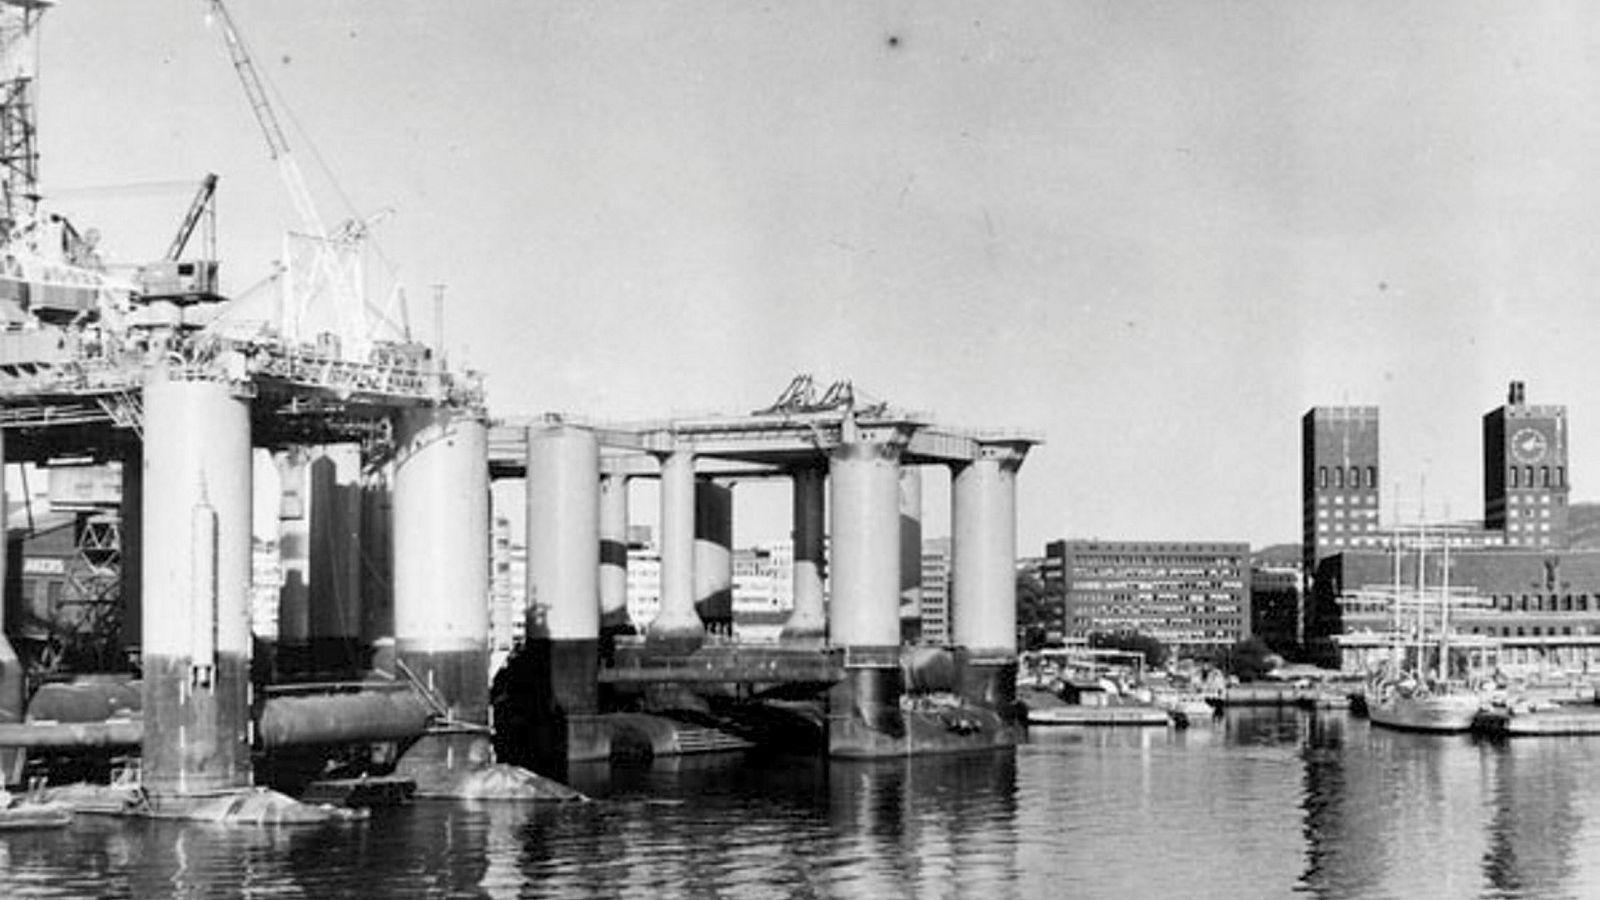 Grunnrentebeskatning, statlig direkte eie i oljefelt (nåværende Petoro), og etableringen av Statoil (nå Equinor) gjorde at inntektene til fellesskapet ble høye, og gjorde at det på 1980-tallet hadde mening å begynne planleggingen av et fond hvor inntektene skulle samles, etter at statsgjelden var nedbetalt, skriver artikkelforfatteren. Her fra konstruksjonen av oljeplattformer ved Aker mekaniske verksted i 1970.